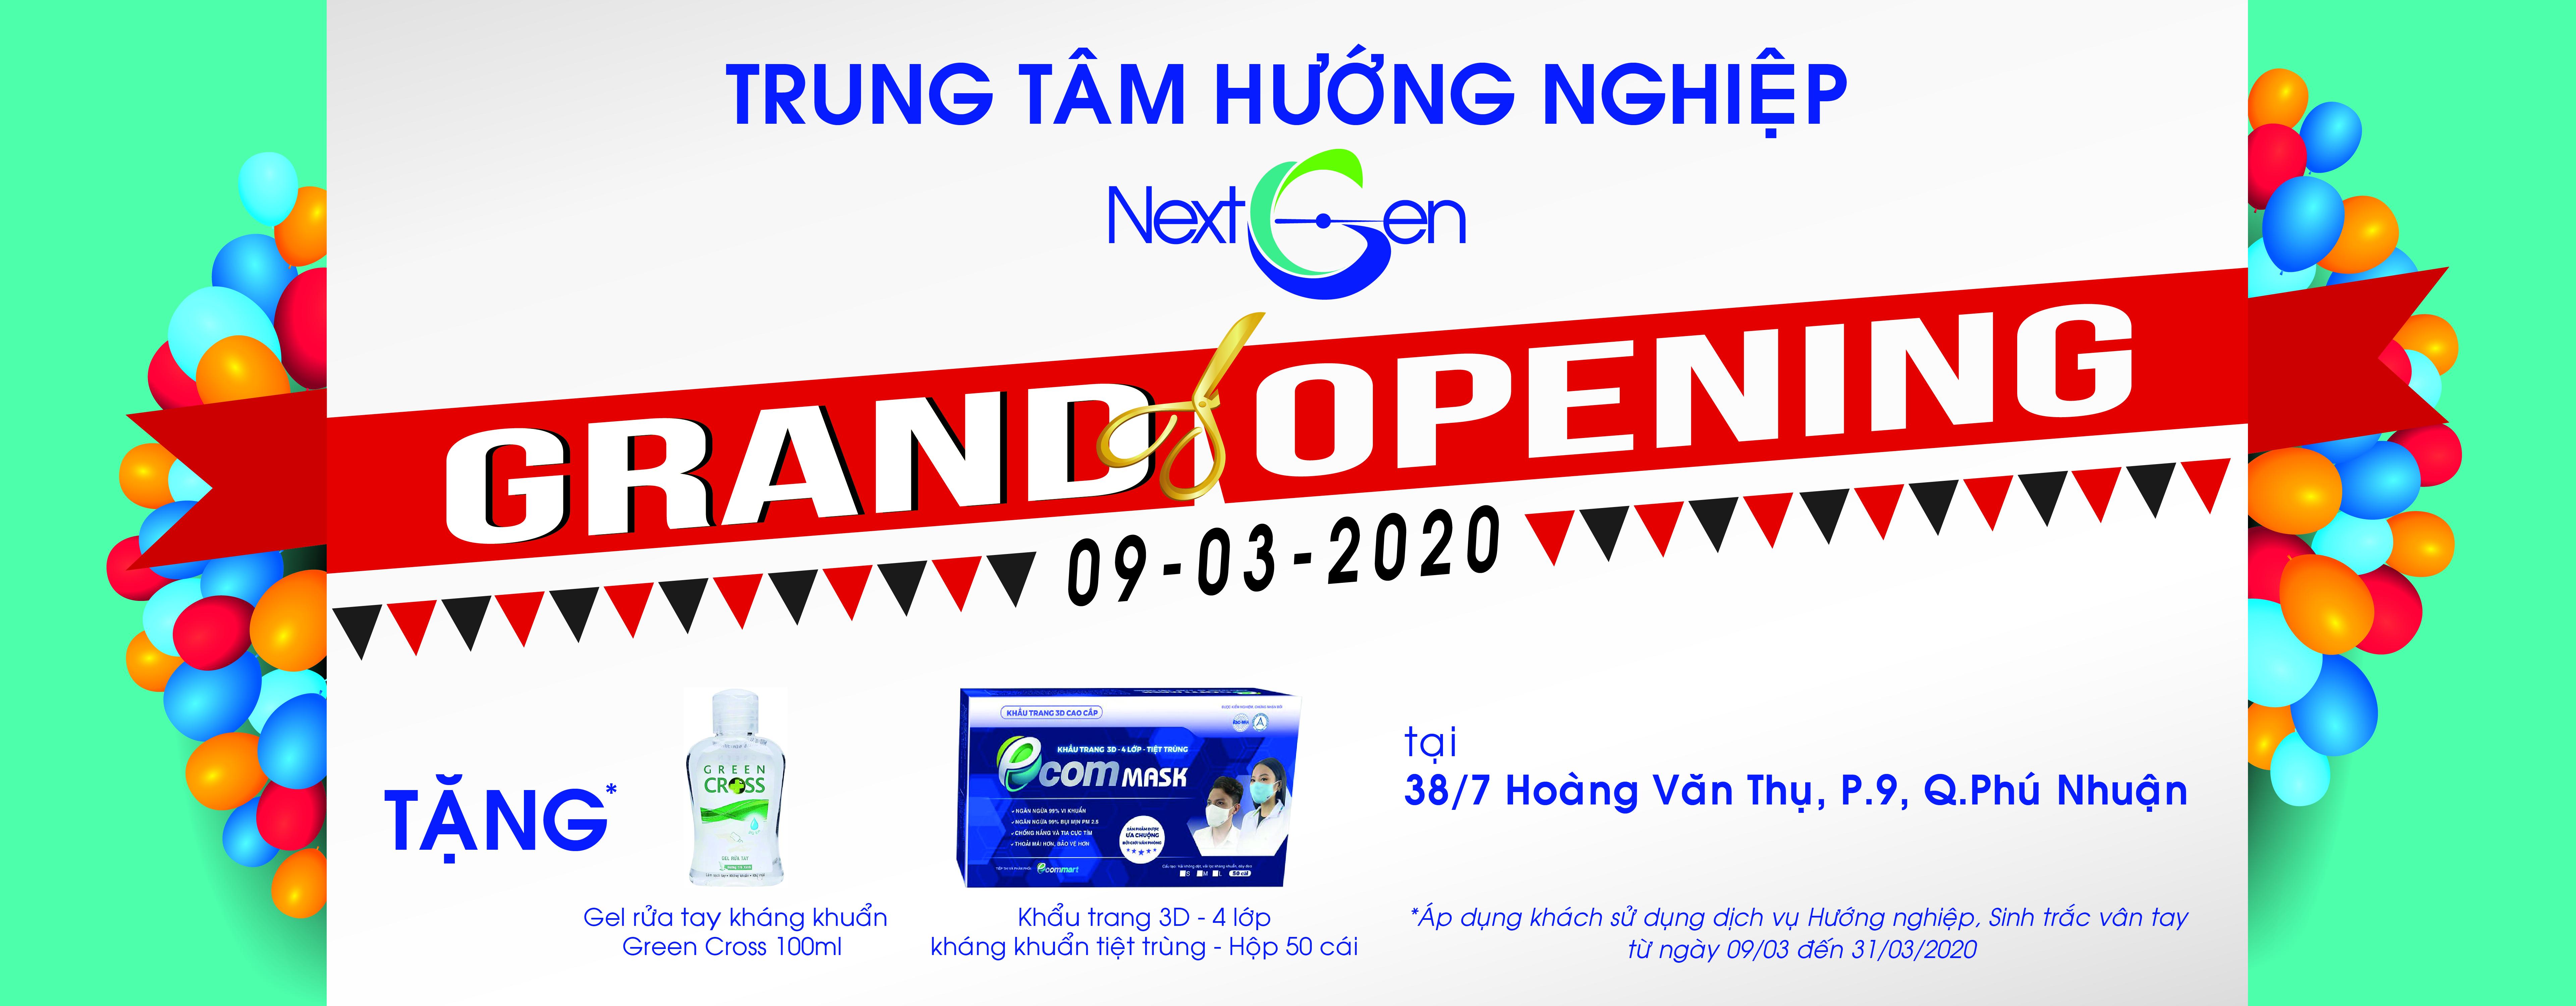 Khai truong Trung tâm Hướng nghiệp NextGen